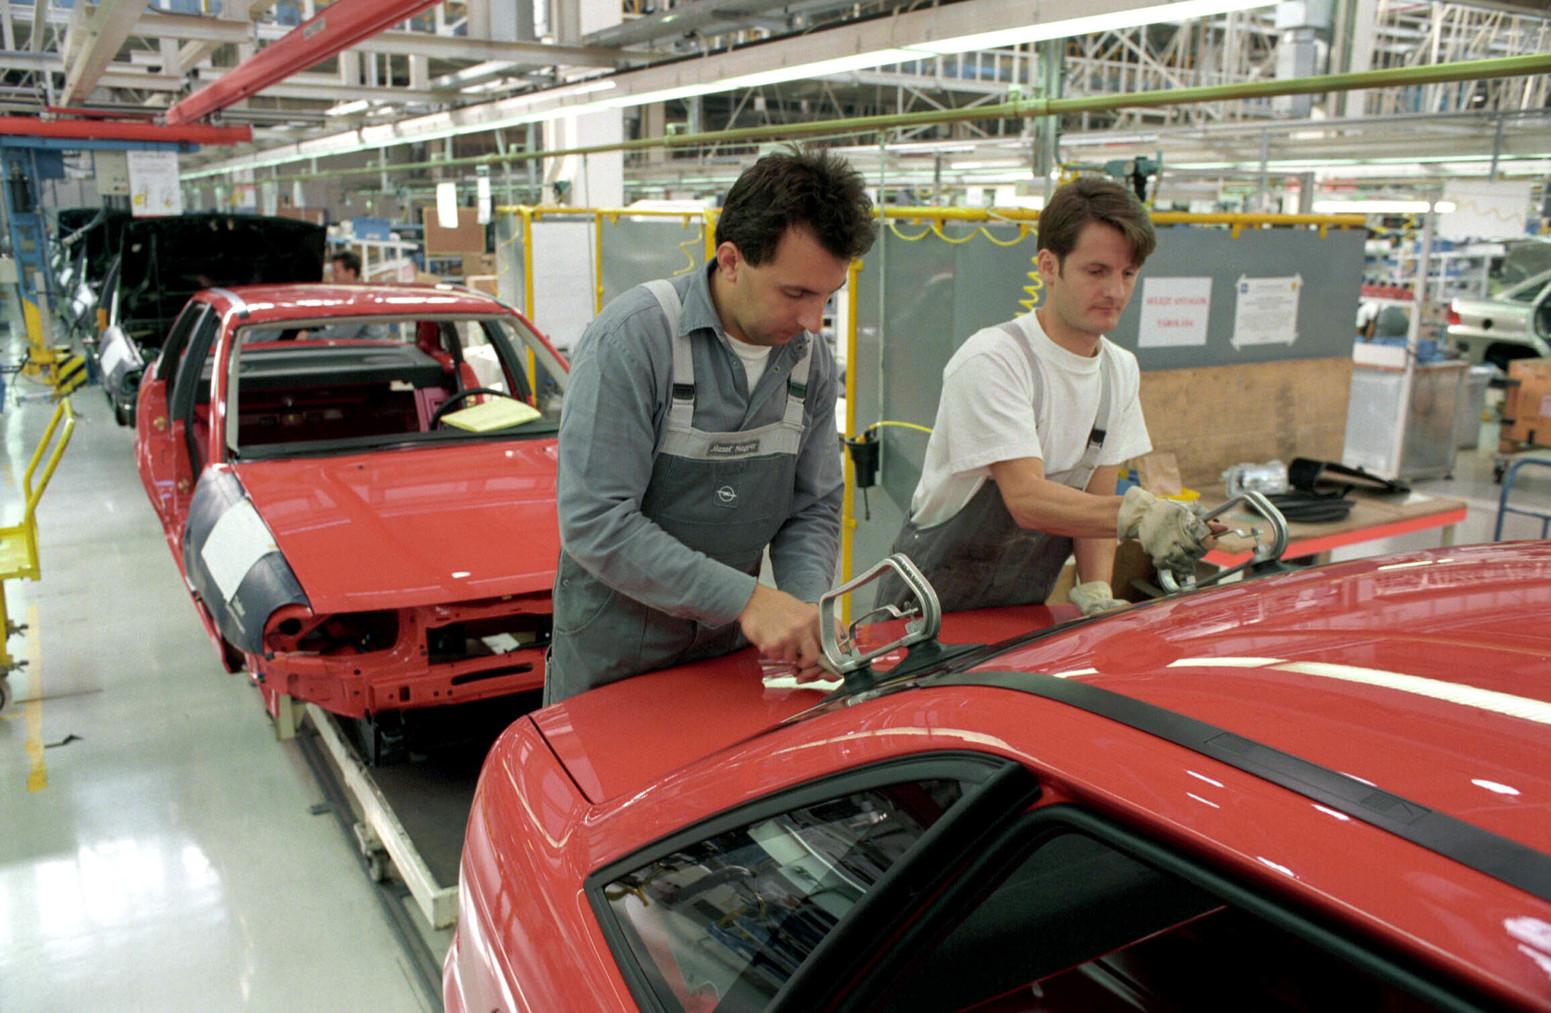 Szentgotthárd, 1995. november 6. Az év második felében kezdték meg Szentgotthárdon az Opel Astrák harmadik típusának, az ötajtósok és a kombik után a négyajtós szedánok gyártását. Az új típusból még az idén 2000 darabot szállítanak Kínába. A képen: szerelik az Opel gépkocsikat. MTI Fotó: Czika László